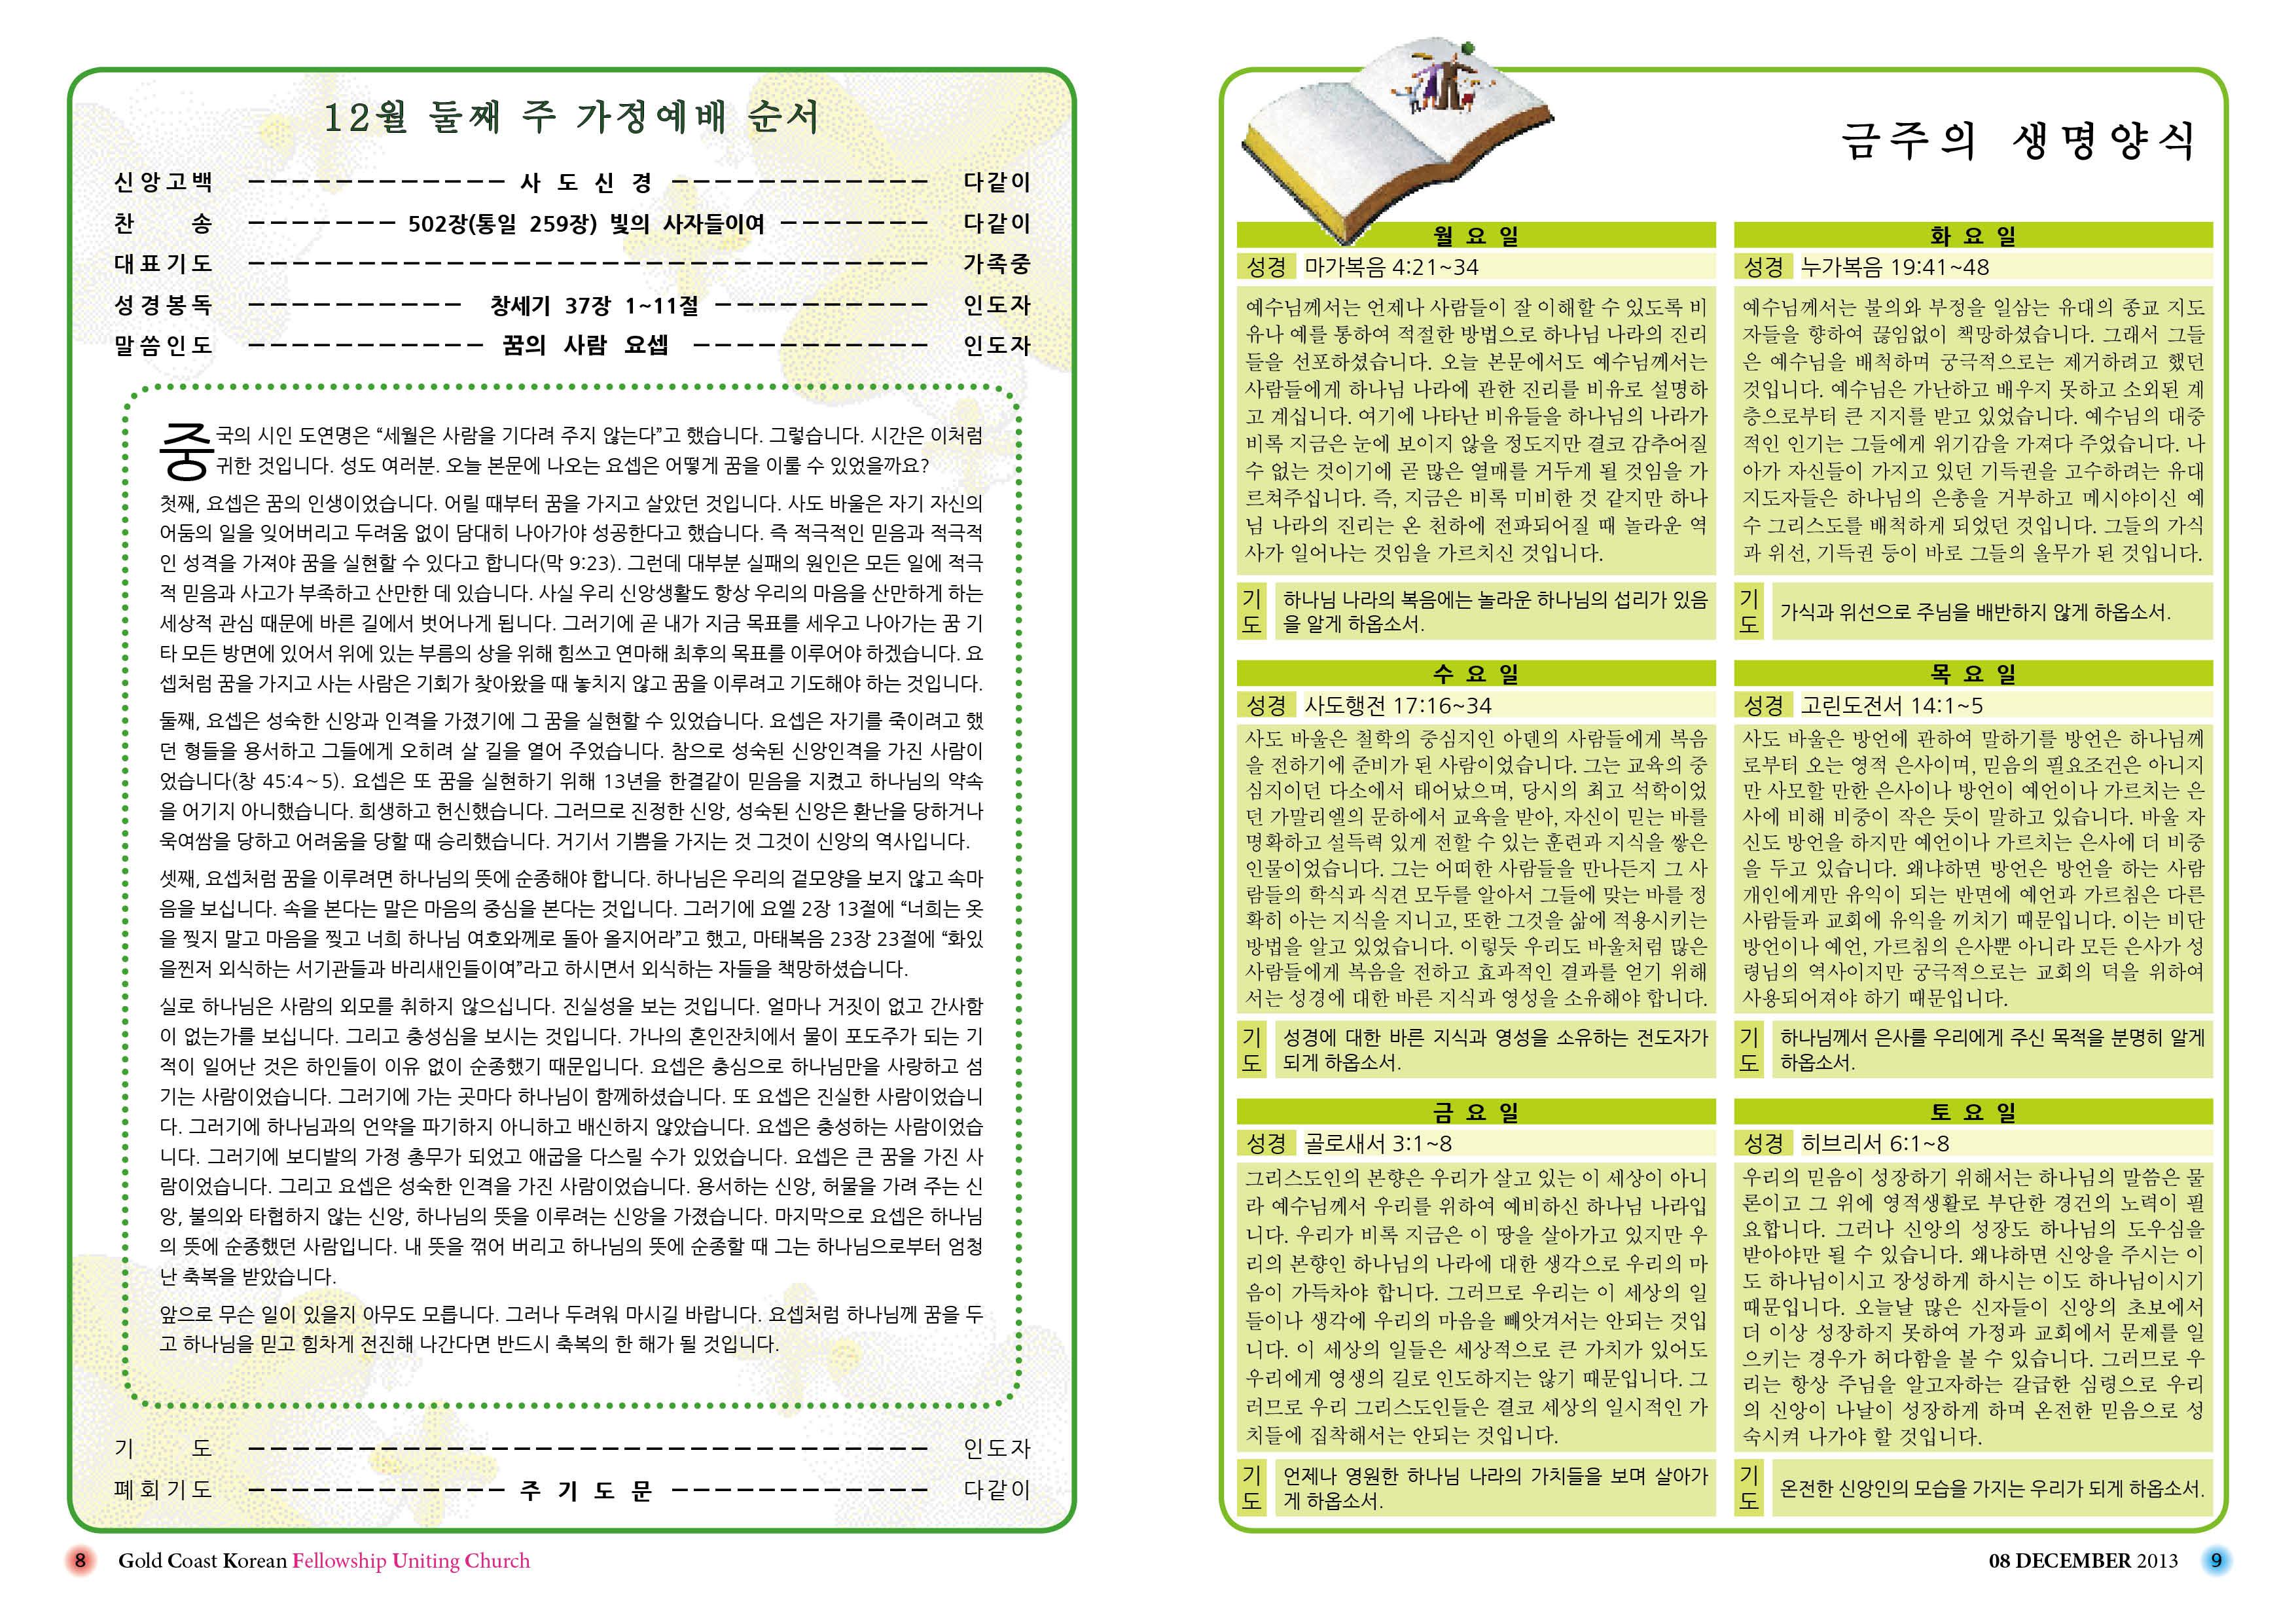 2013.12.08 주보(1차 수정)8.jpg